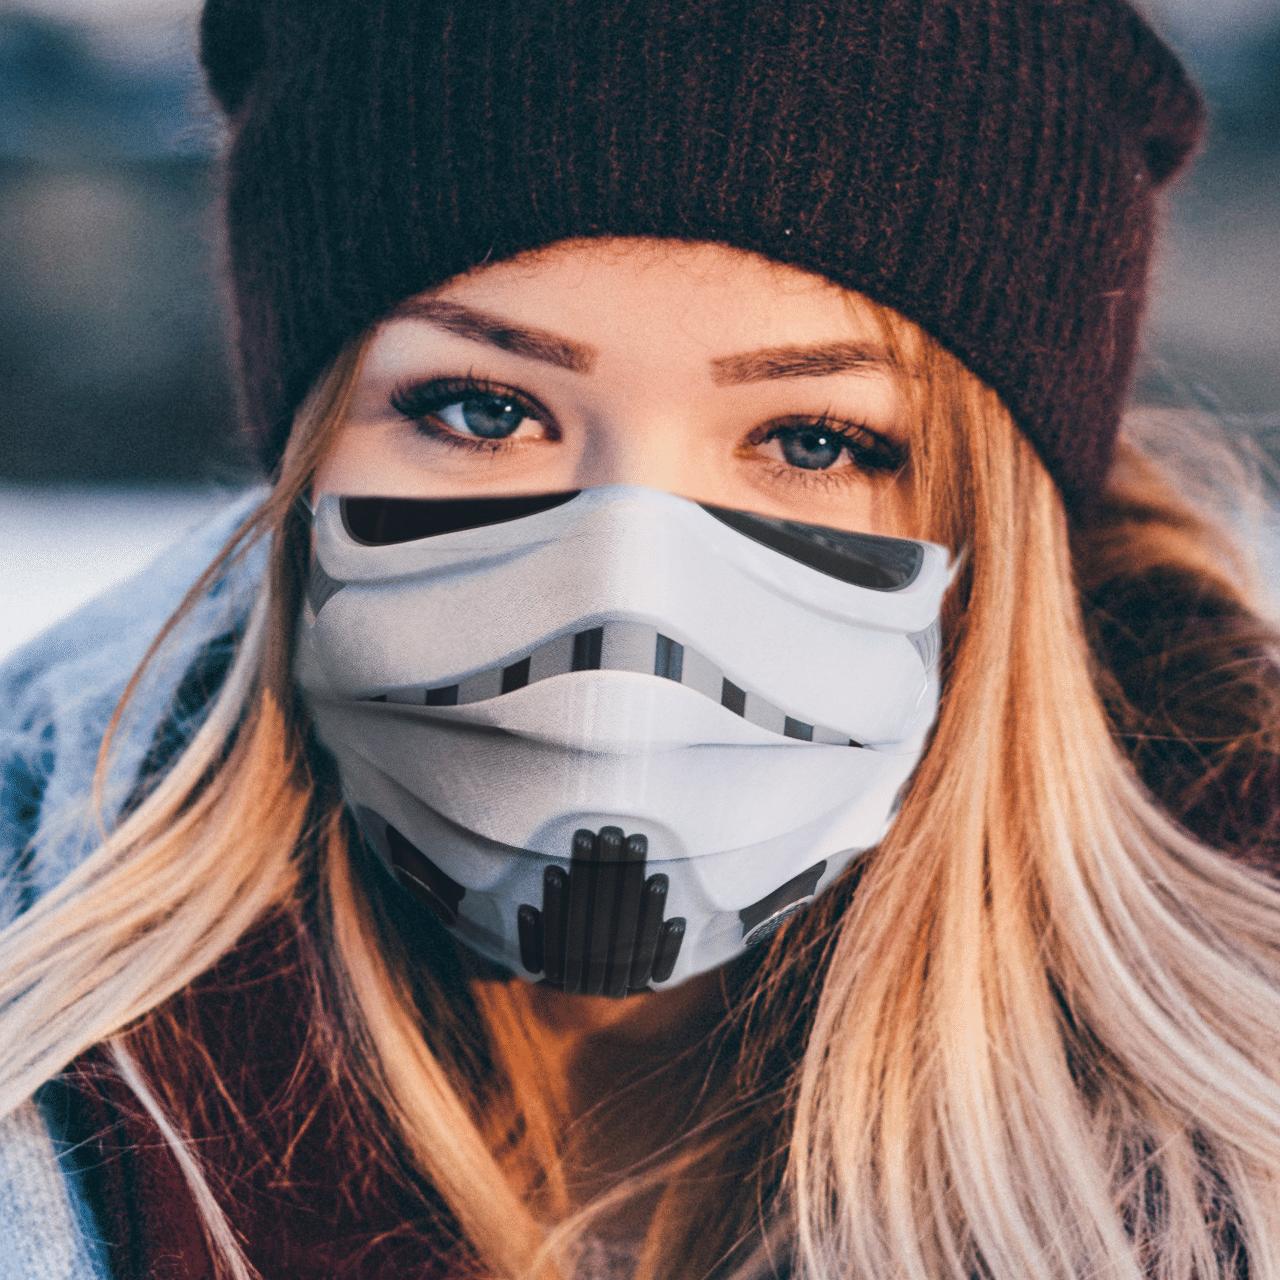 Star Wars Stormtrooper 3D face mask